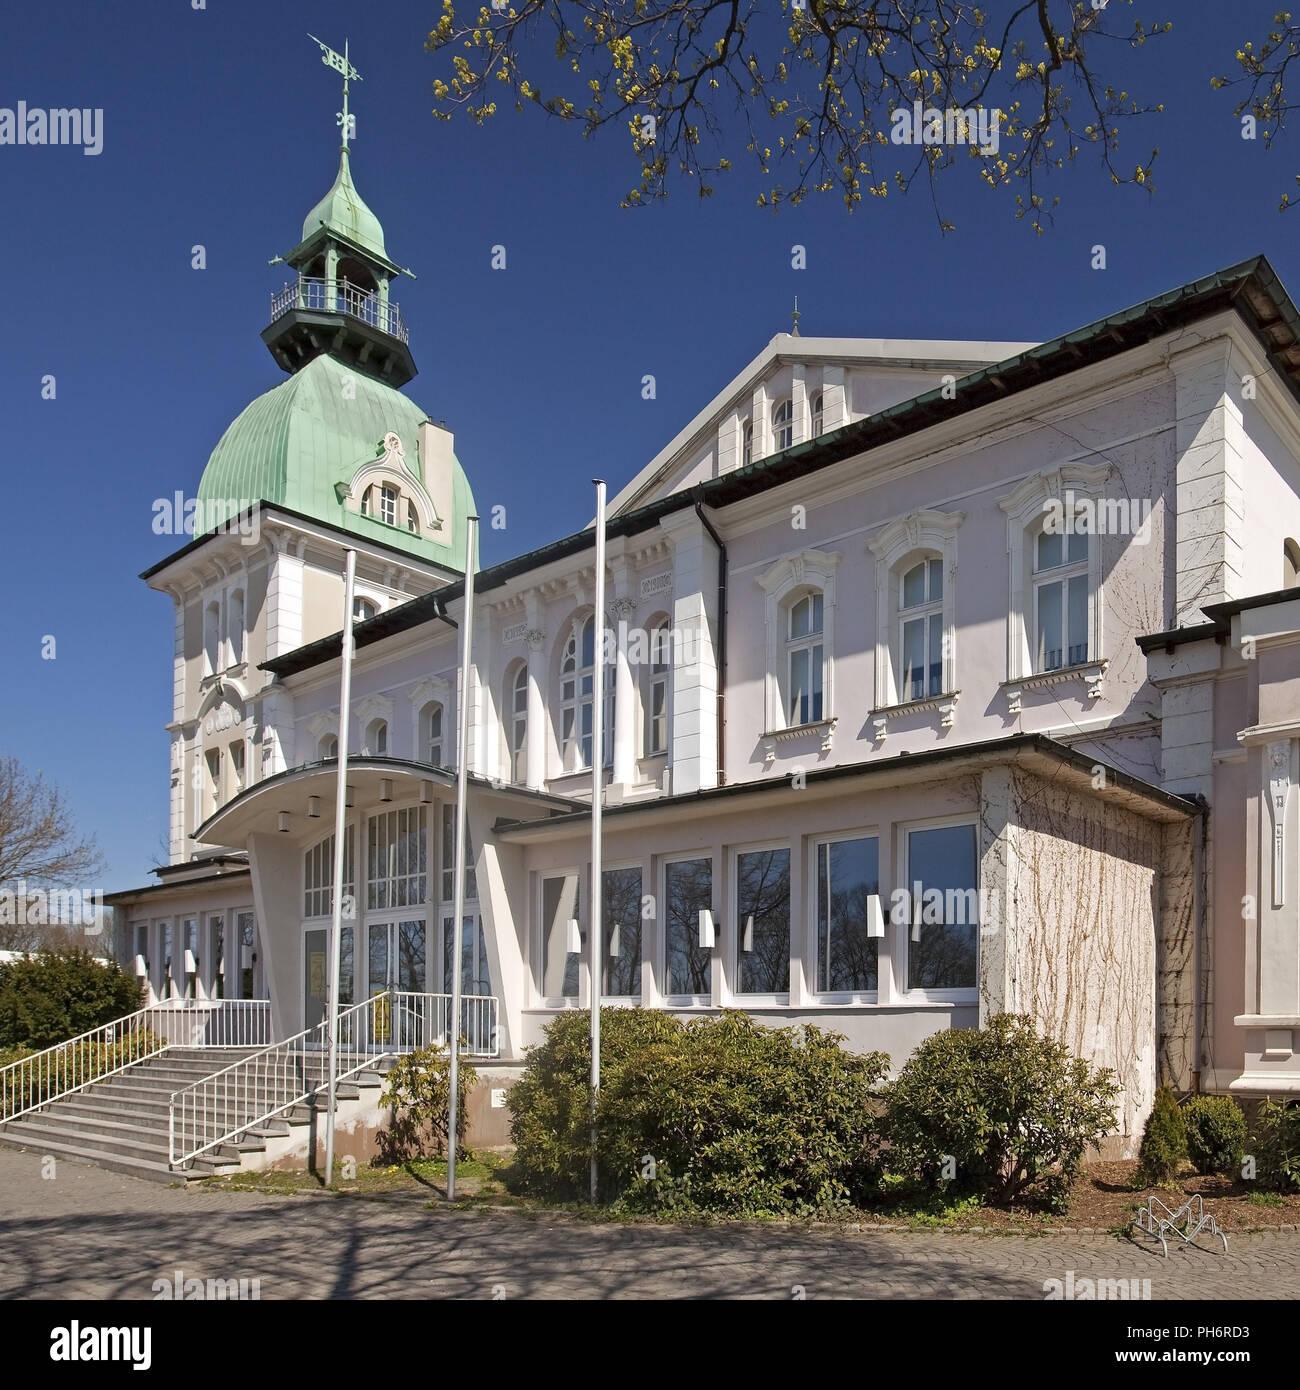 Club de tir salle, Luedenscheid, Allemagne Photo Stock